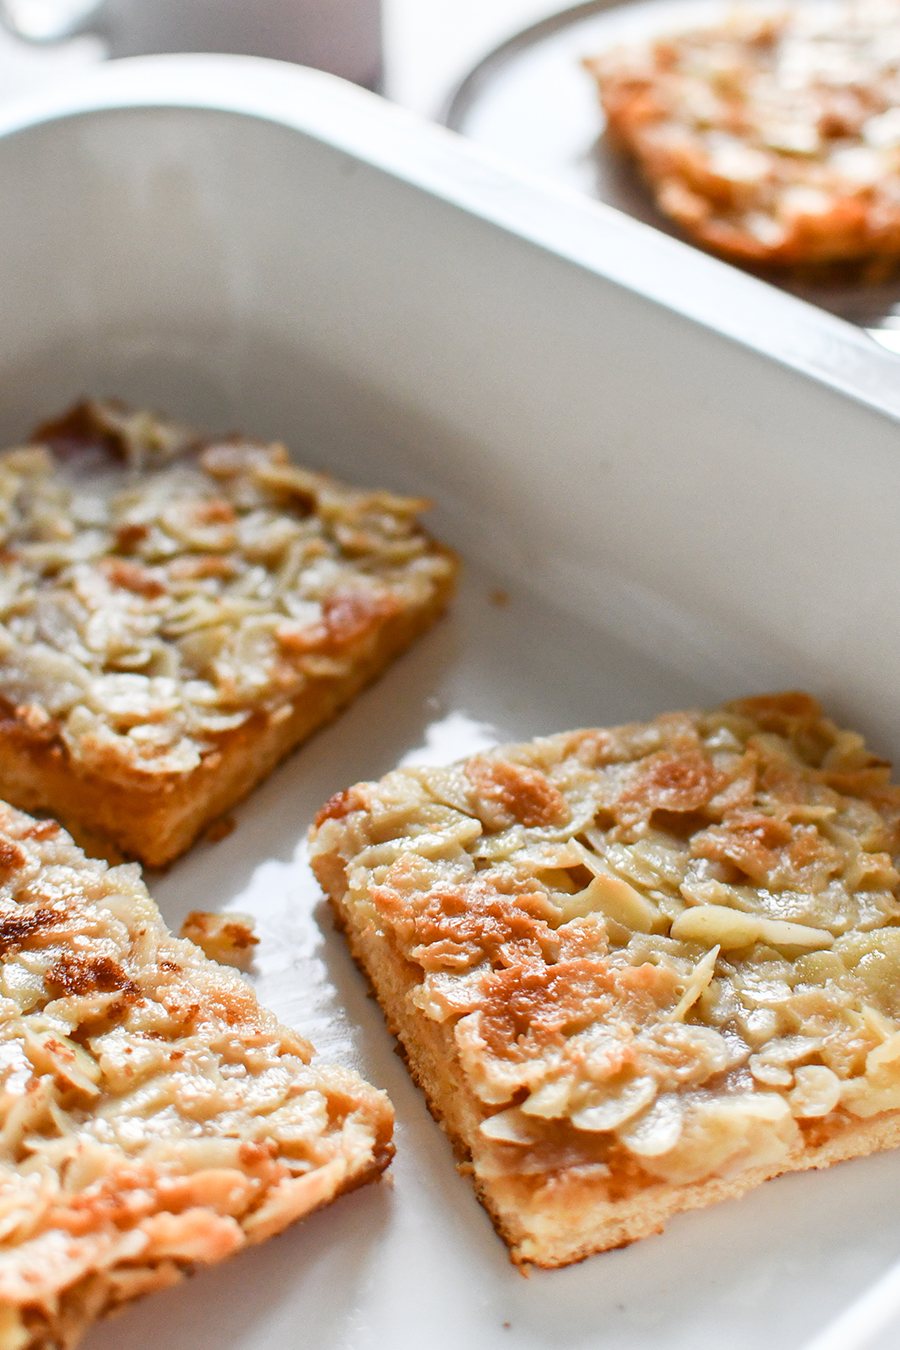 Schneller Blechkuchen mit Mandelblättchen